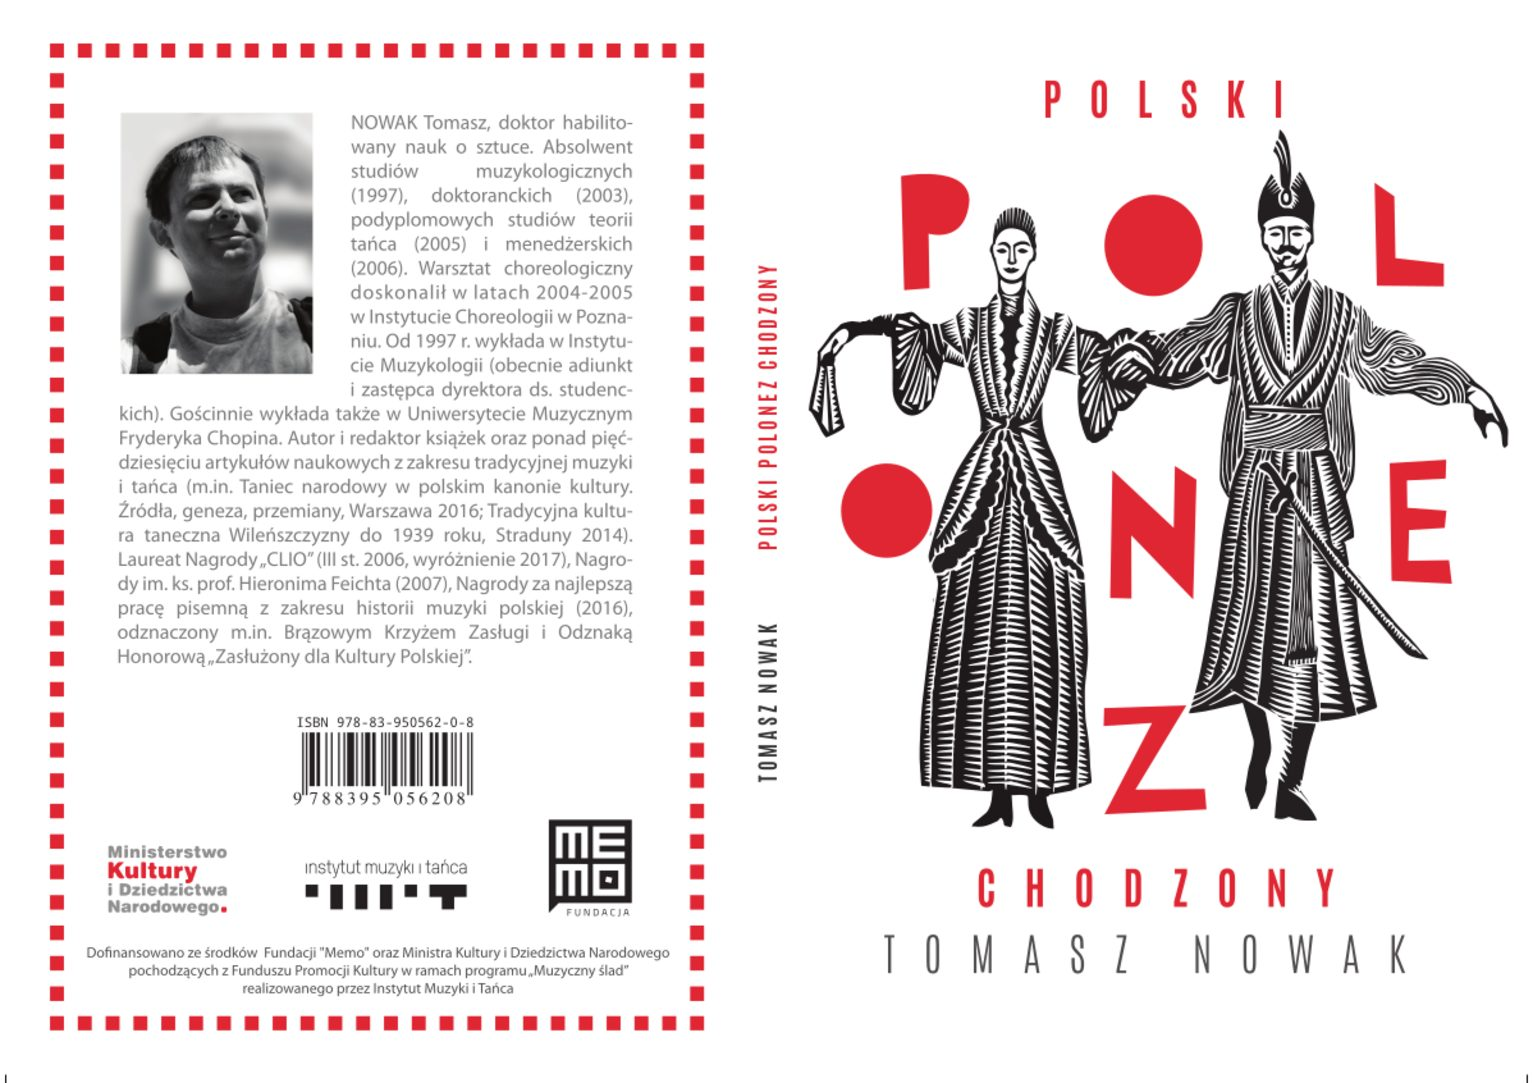 Polski, polonez, chodzony – publikacja w wersji elektronicznej